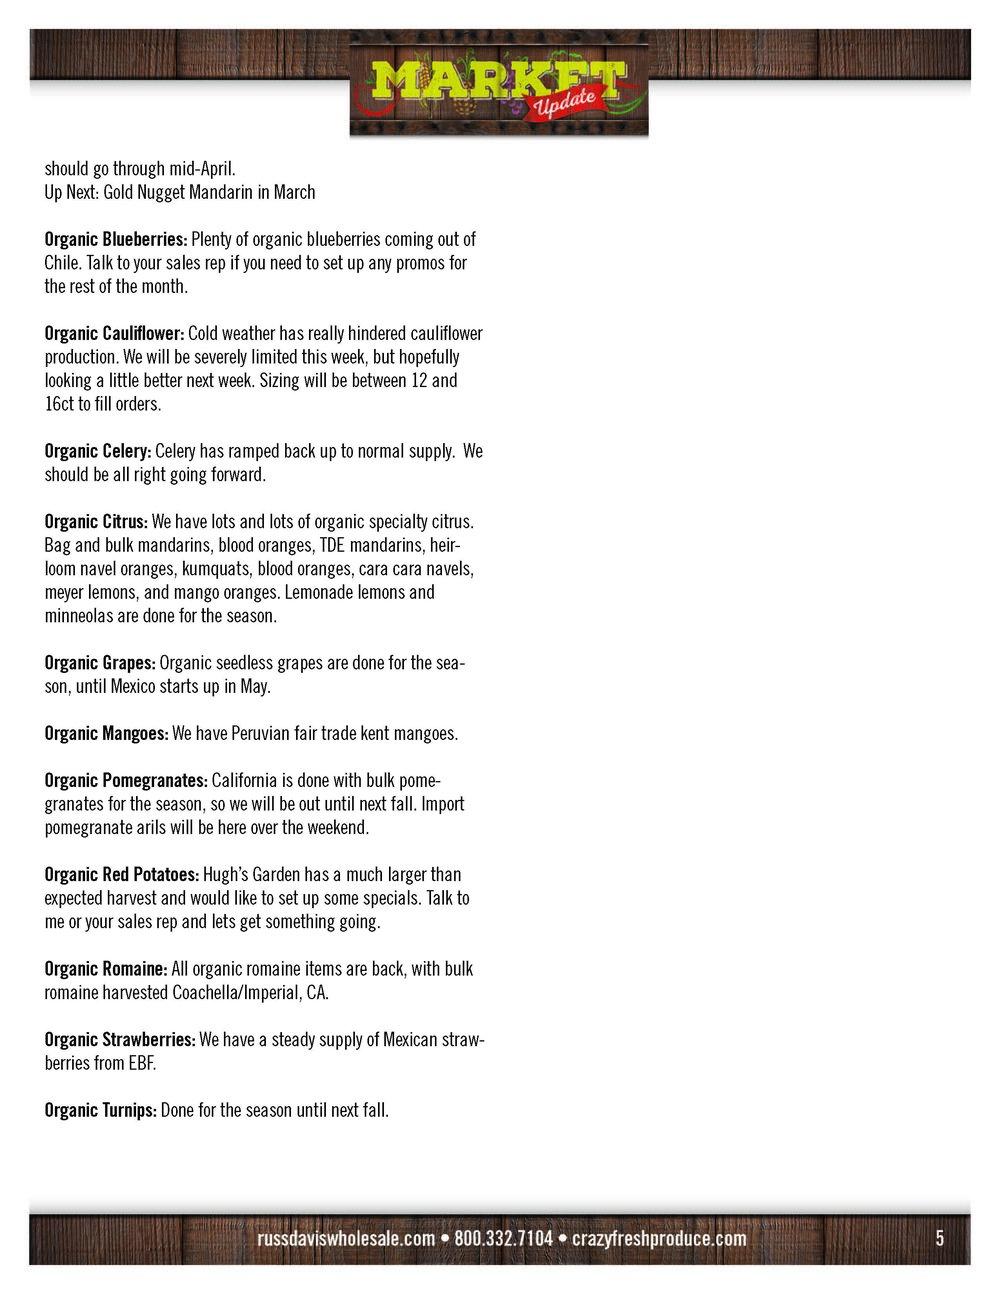 RDW_Market_Update_Feb28_19_Page_5.jpg